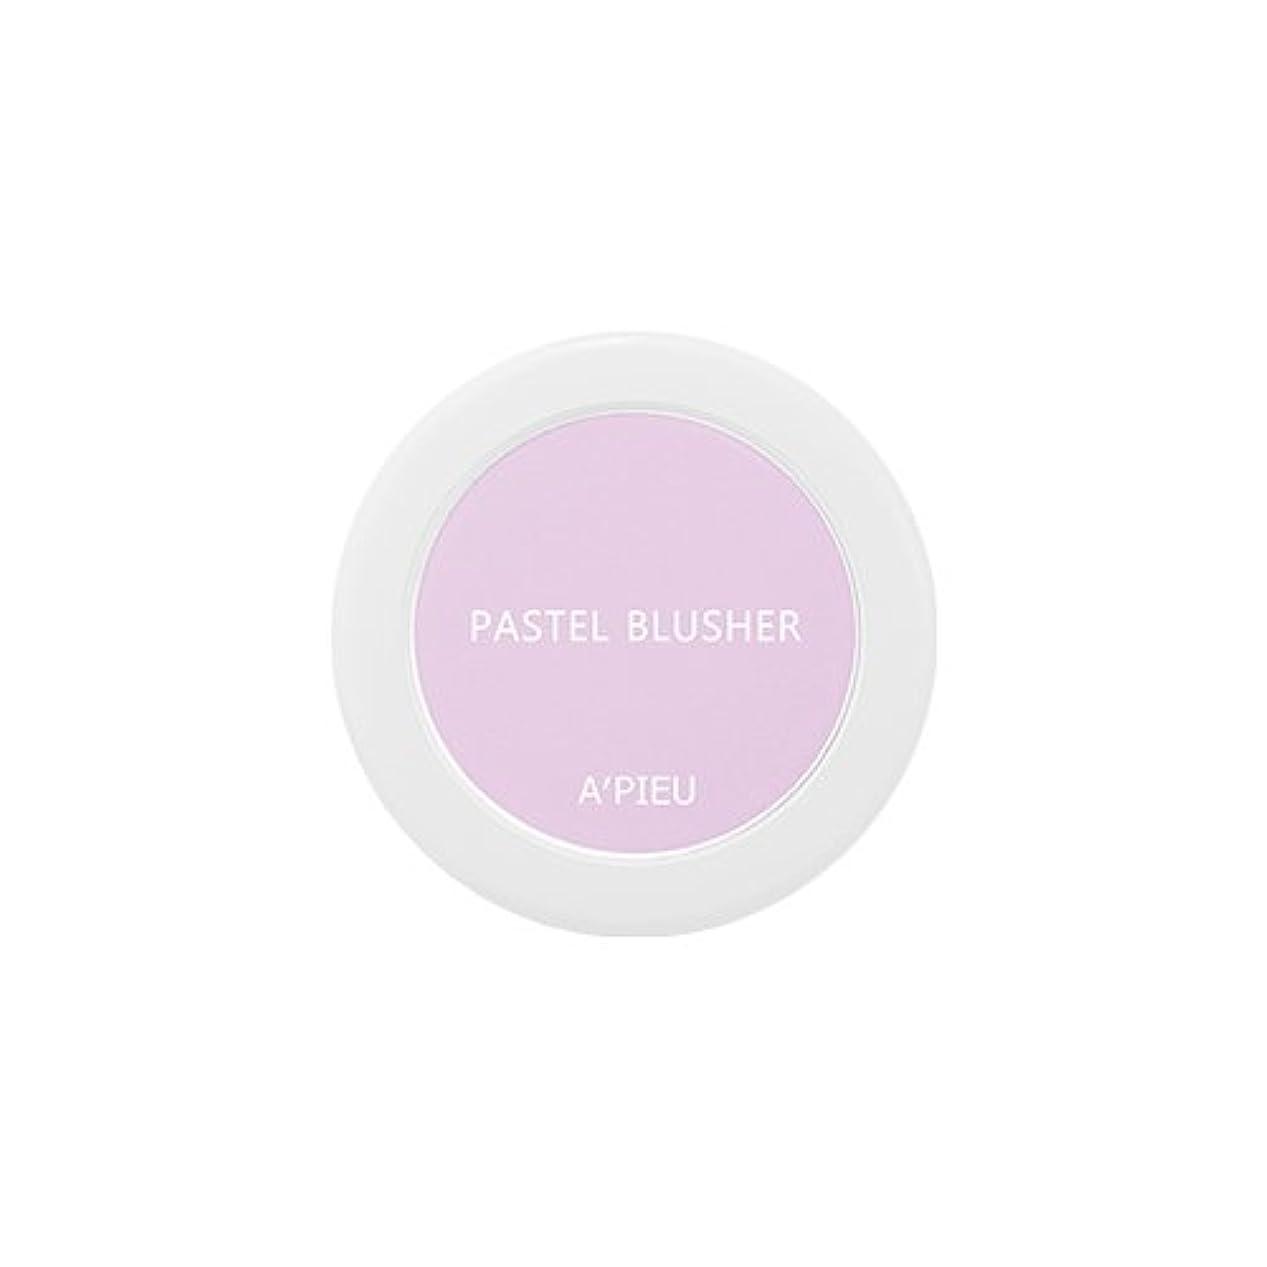 チーフ登録する残り物アピュ[APIEU] Pastel Blusher パステル ブラッシャー (VL03) [並行輸入品]